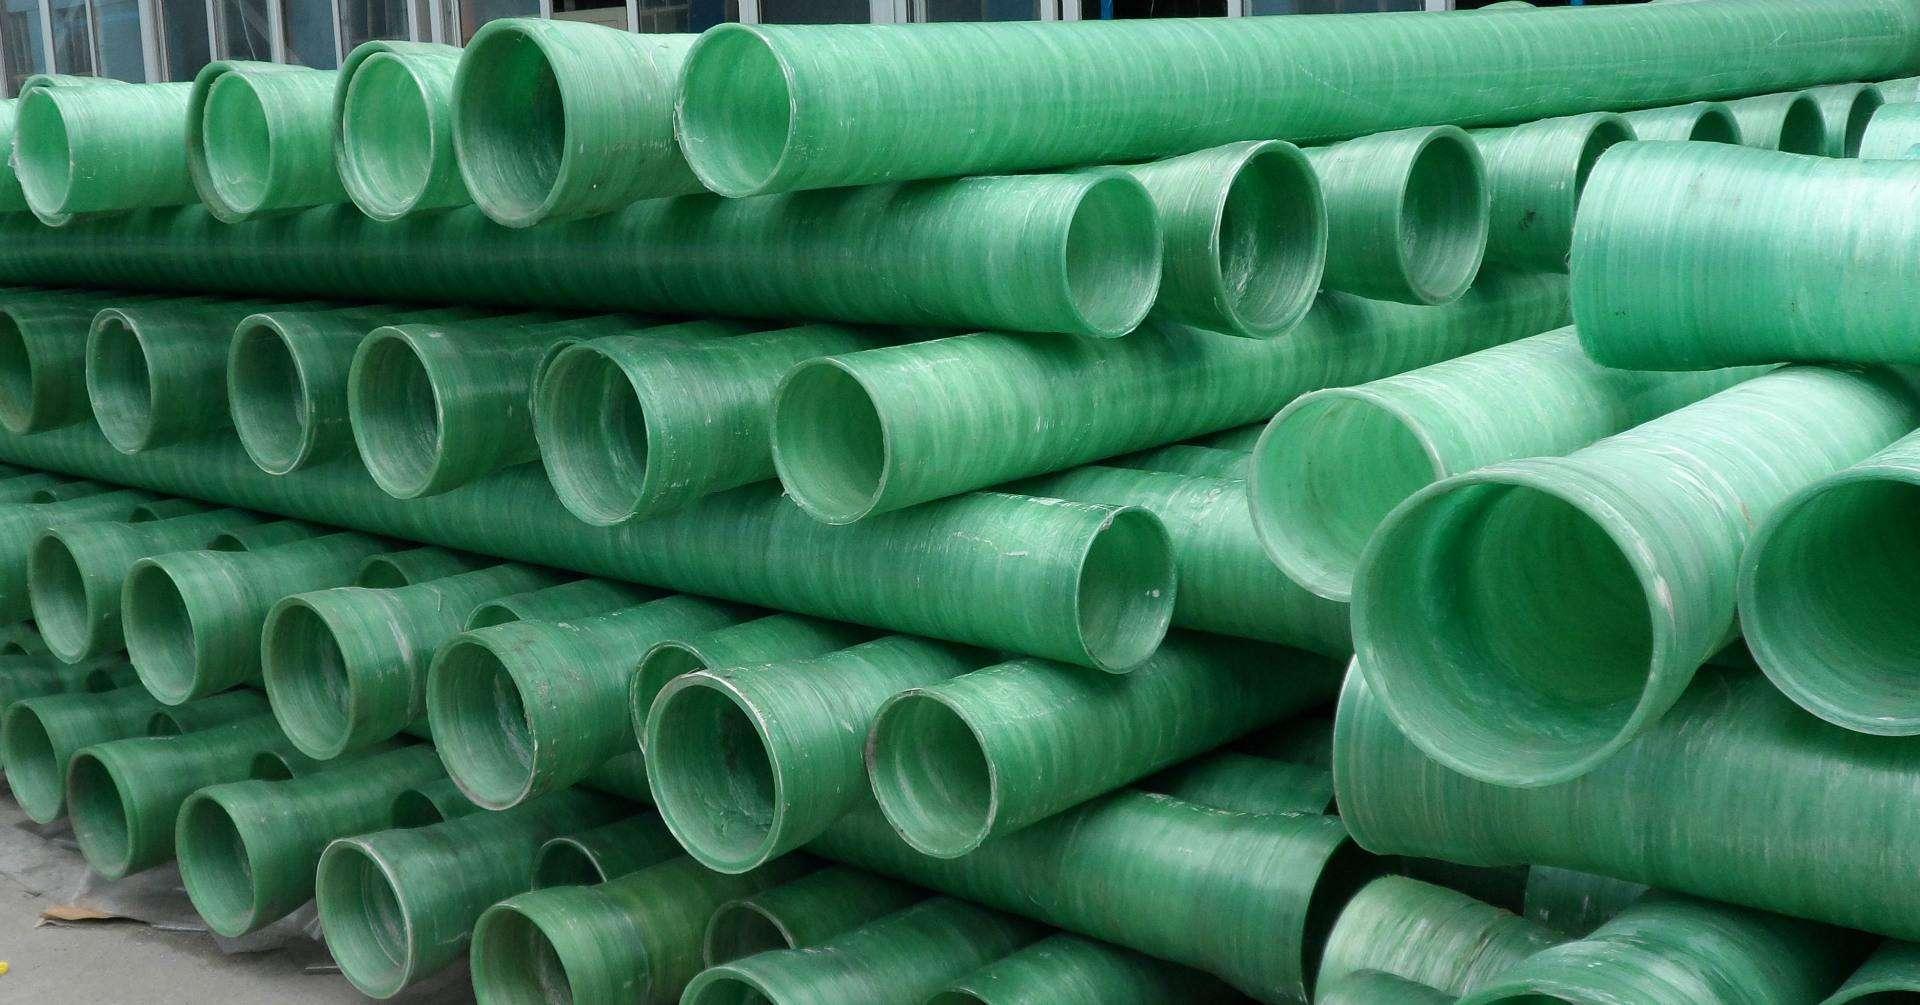 專業的新疆玻璃鋼電纜保護管供應_伊犁玻璃鋼電纜穿線管批發